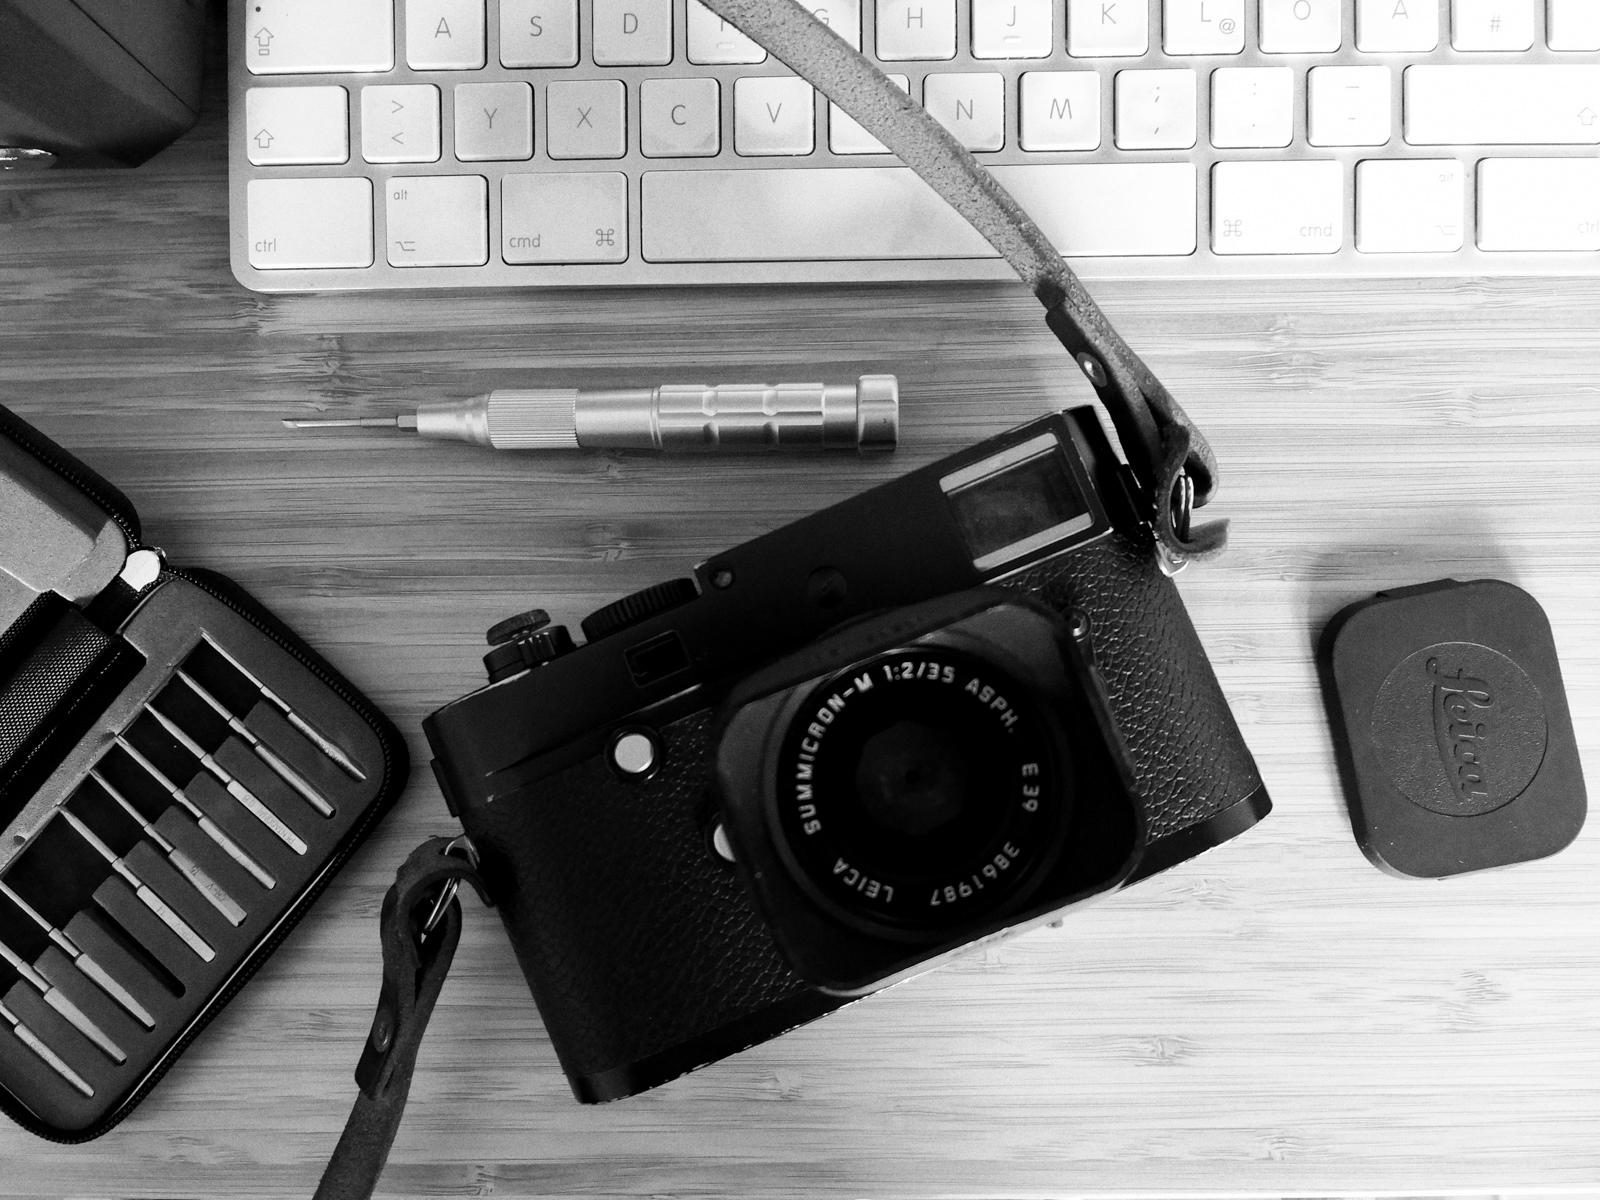 Leica Entfernungsmesser Einstellen : Leica m messsucher justieren u andré duhme a not so secret diary